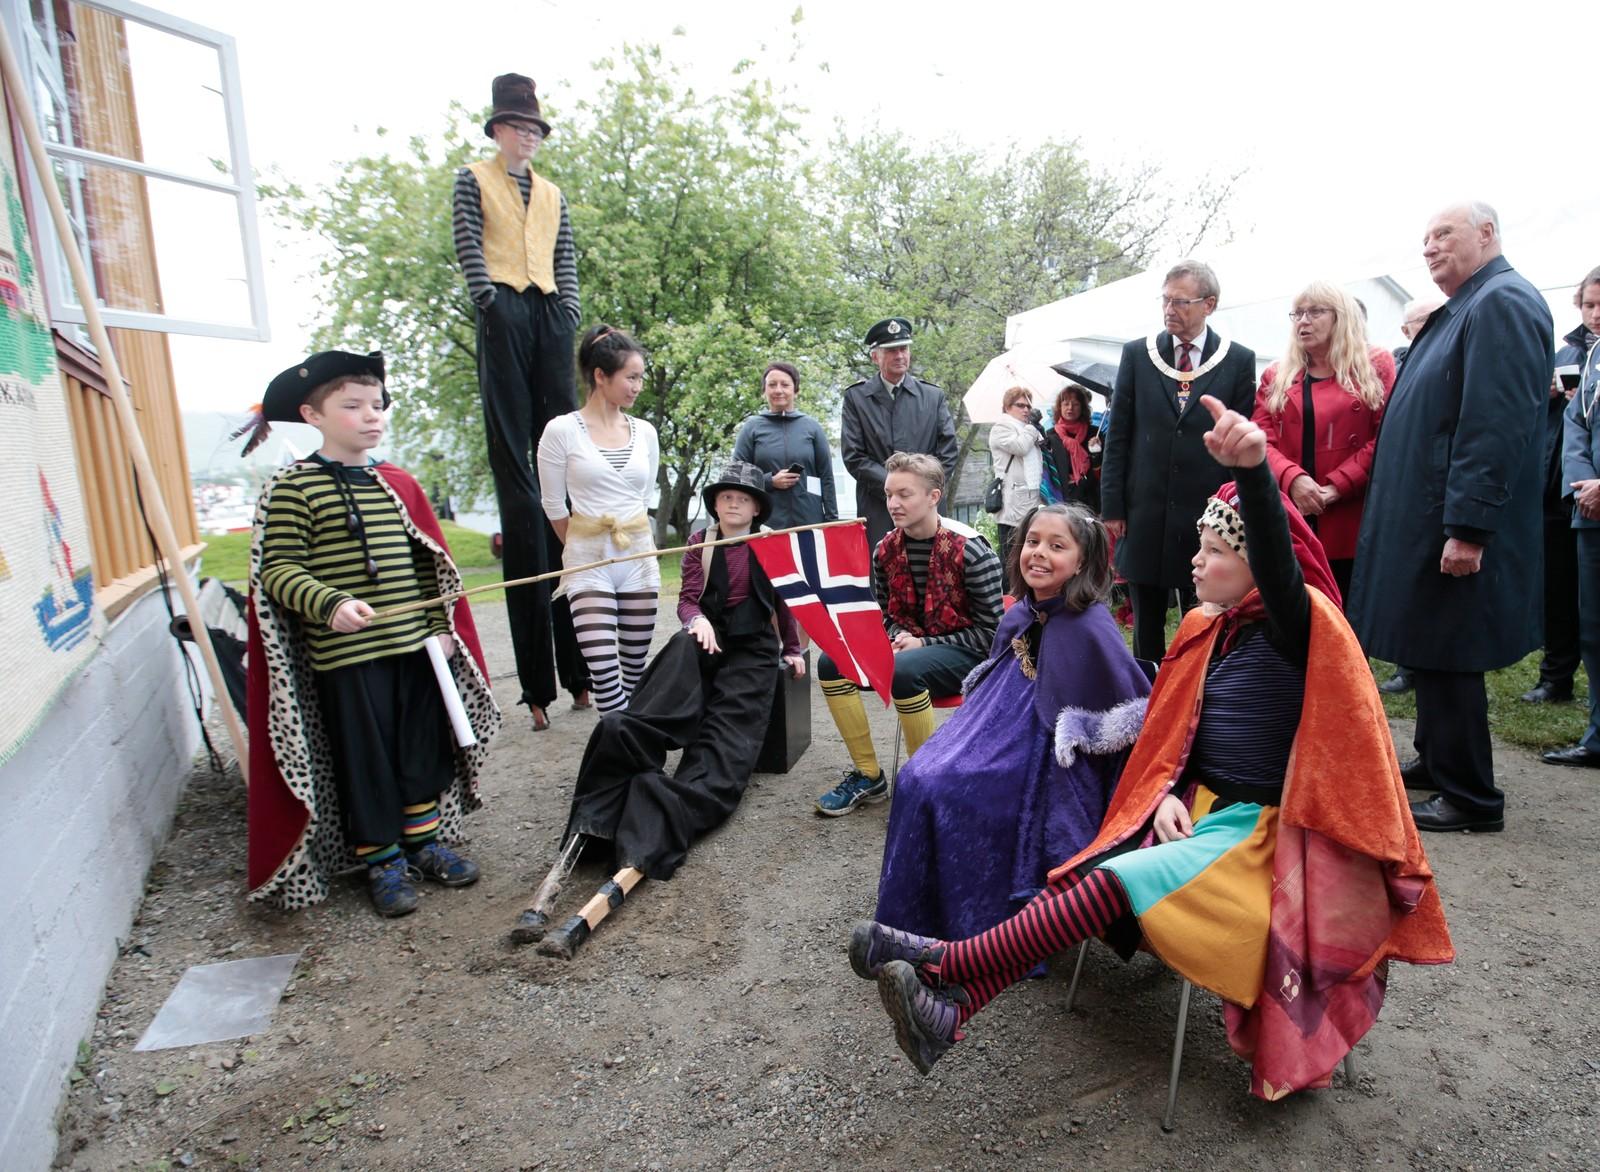 """Kong Harald får """"opplæring"""" i kongeskole under kongeparets hagefest for 300 inviterte gjester på """"Skansen"""" i Tromsø lørdag. Reisen inngår som en del av markeringen av Kongeparets 25-årsjubileum. """"Kongen"""" t.v. Leander lærer bort nyttig kunnskap til """"dronning Sonja"""" (t.v.), Karmen og """"prinsessen"""", Andrea.  Foto: Lise Åserud / NTB scanpix"""